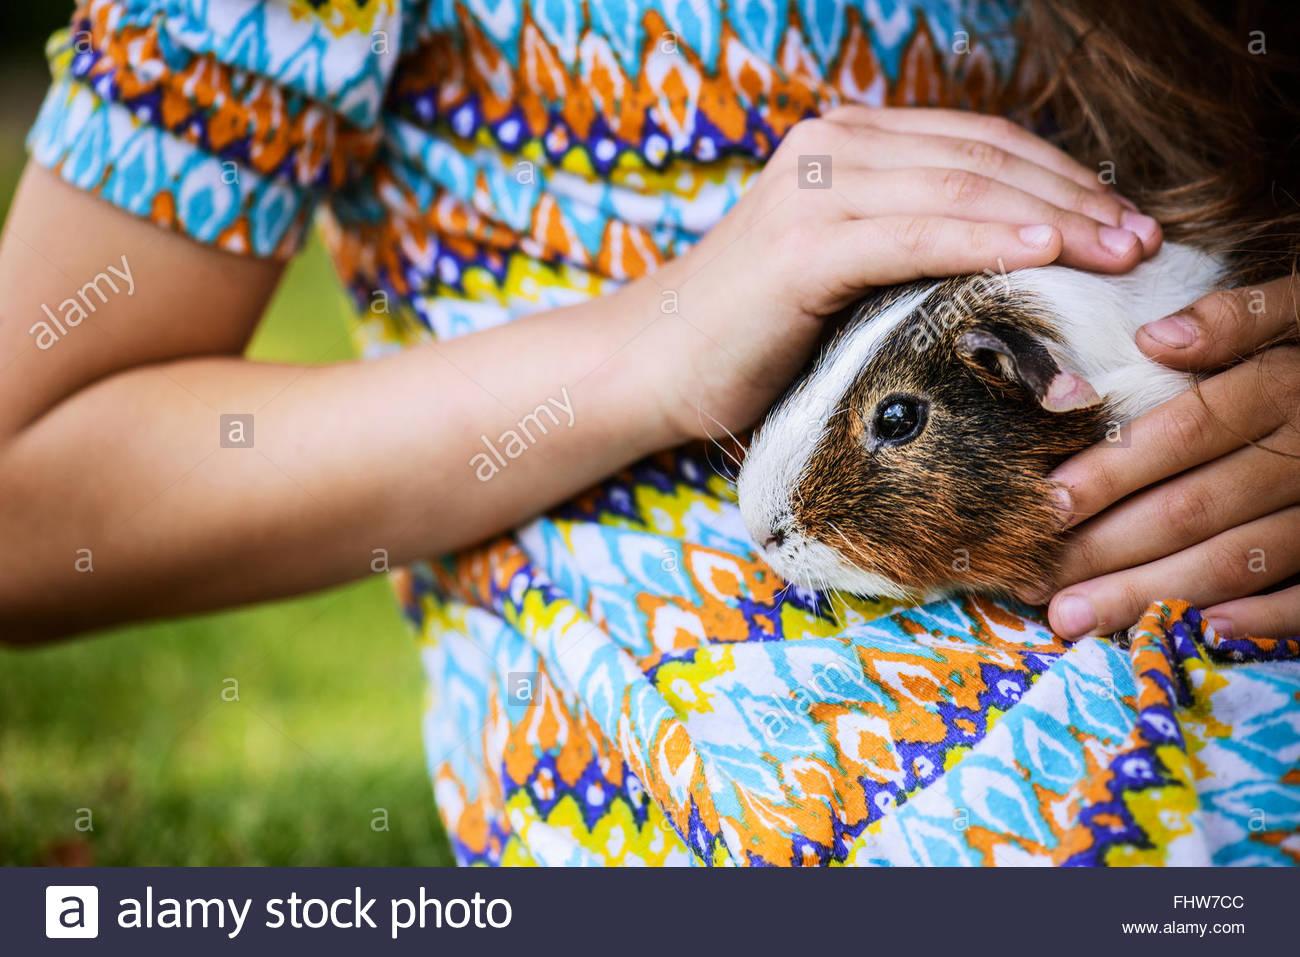 Kleines Mädchen Petting Meerschweinchen Stockbild